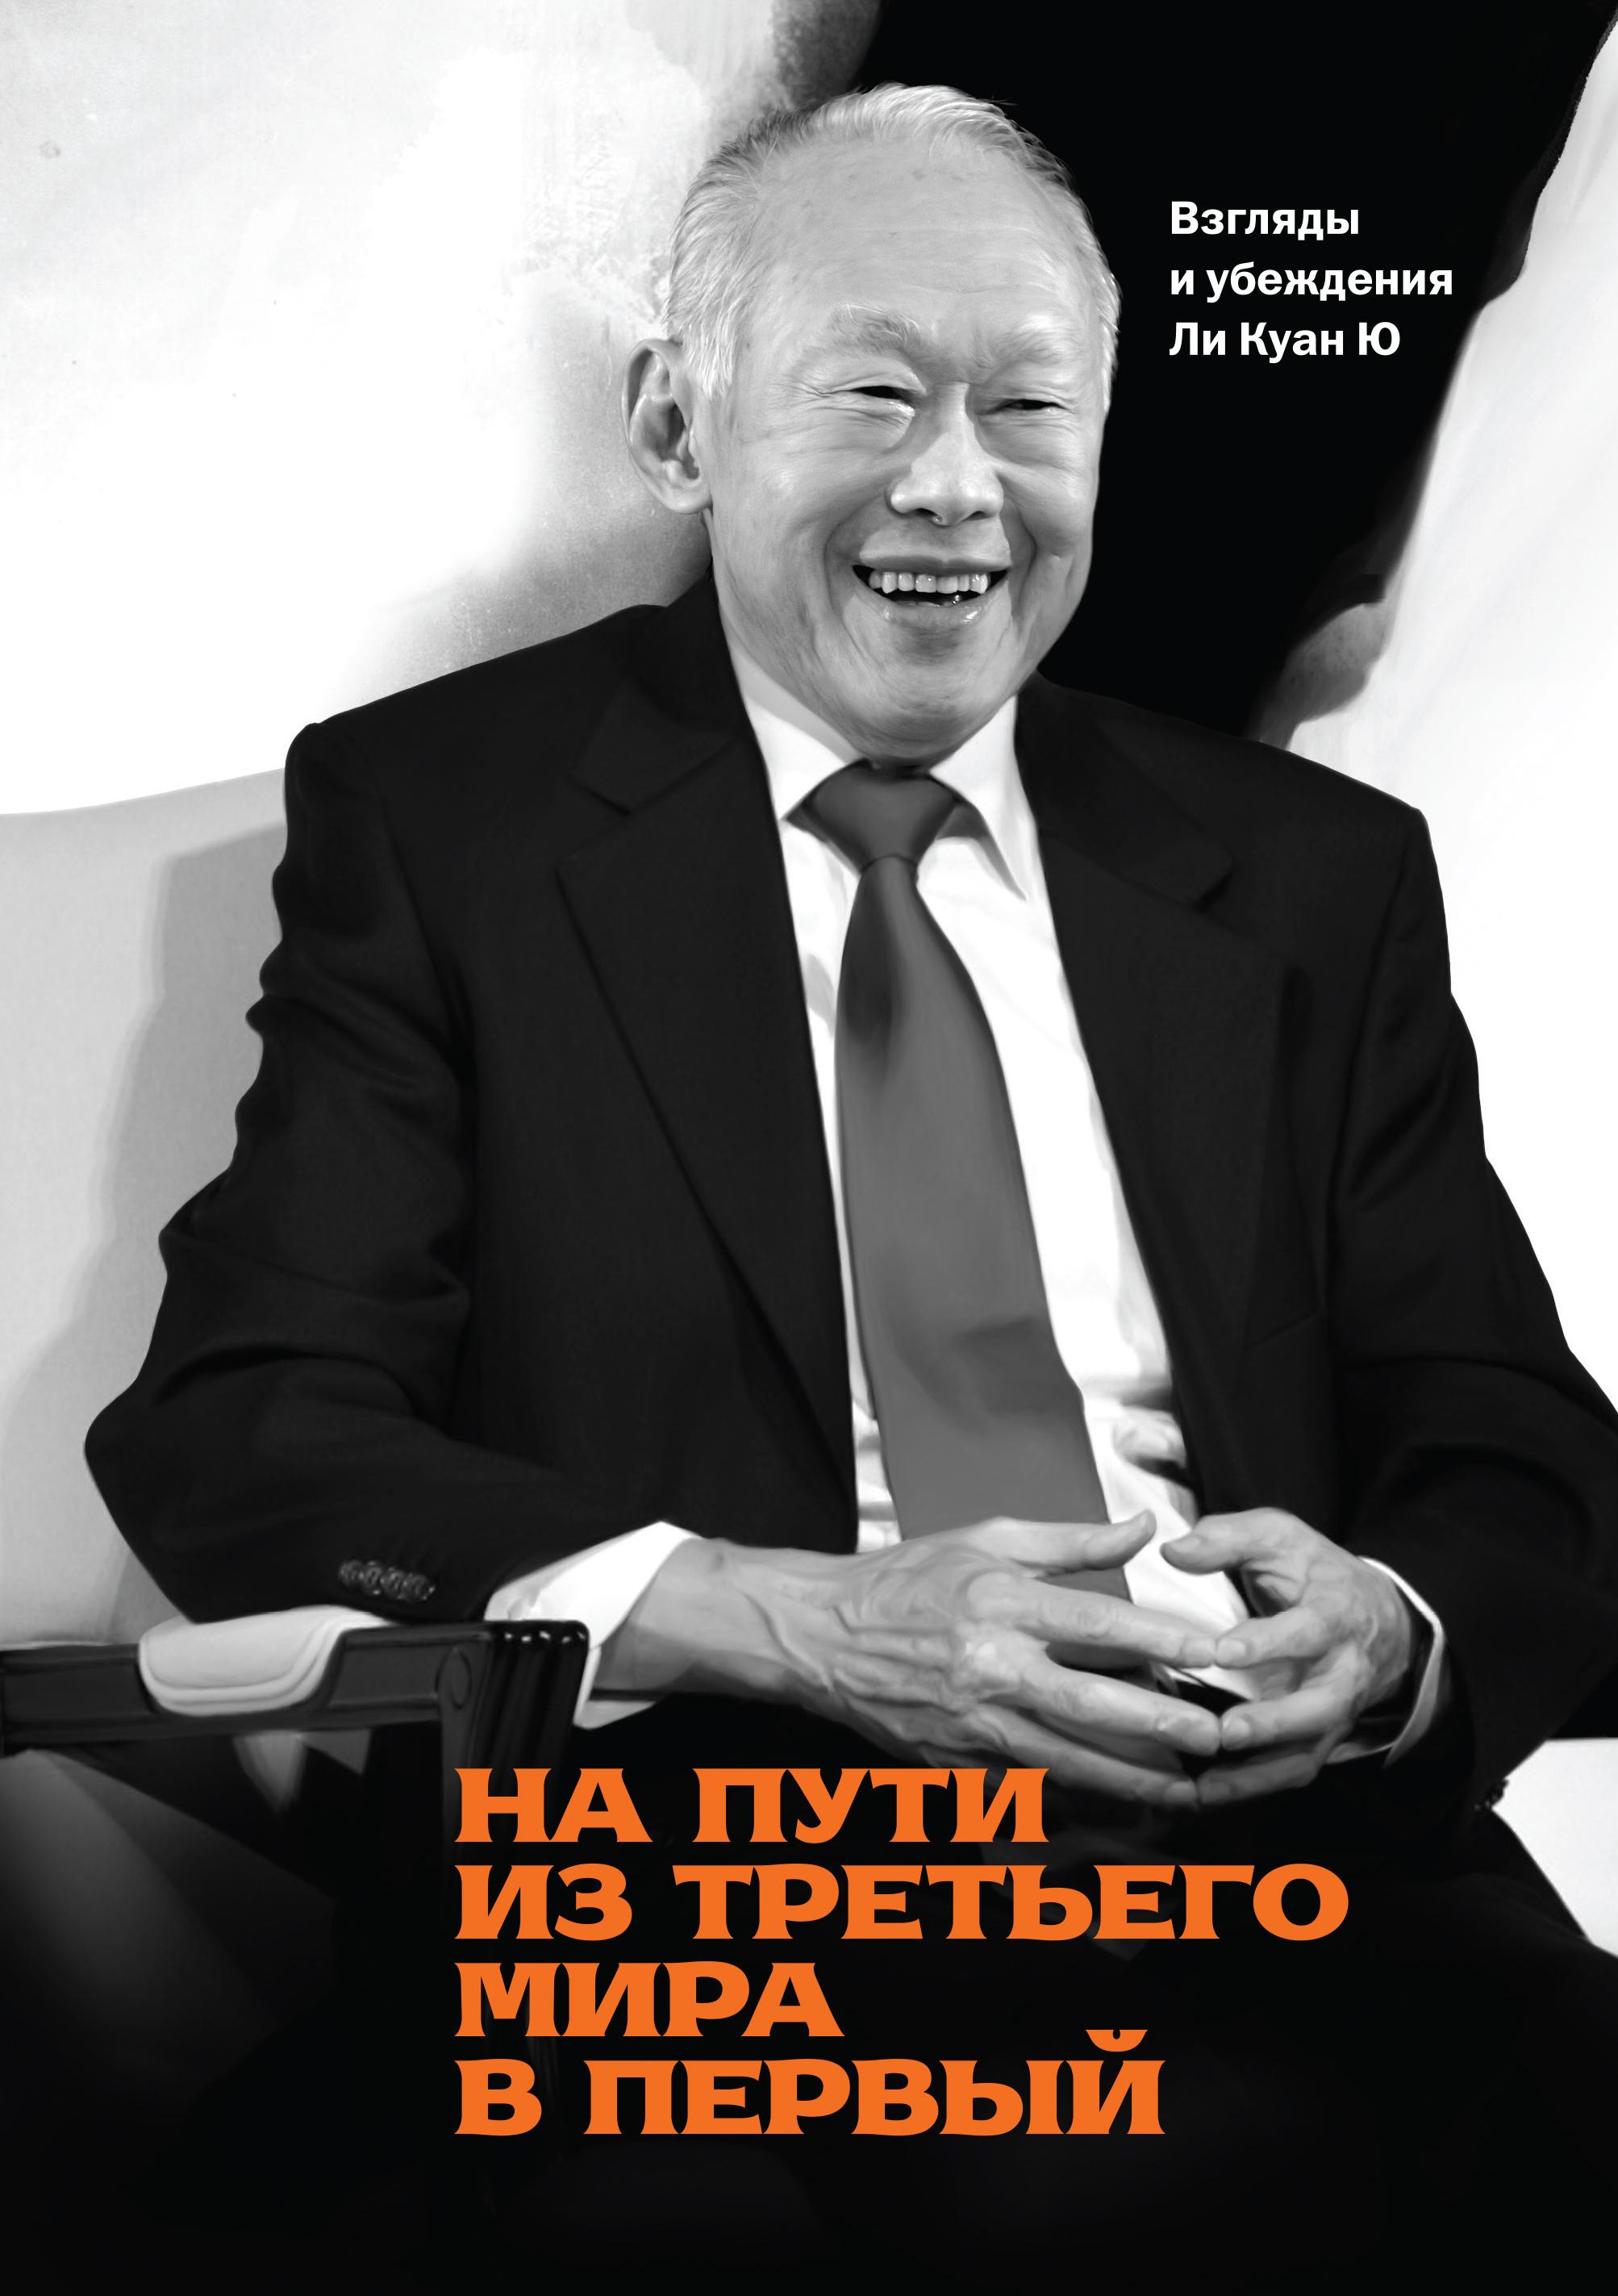 Яценюк призвал увольнять судей за блокирование решений Кабмина - Цензор.НЕТ 7997